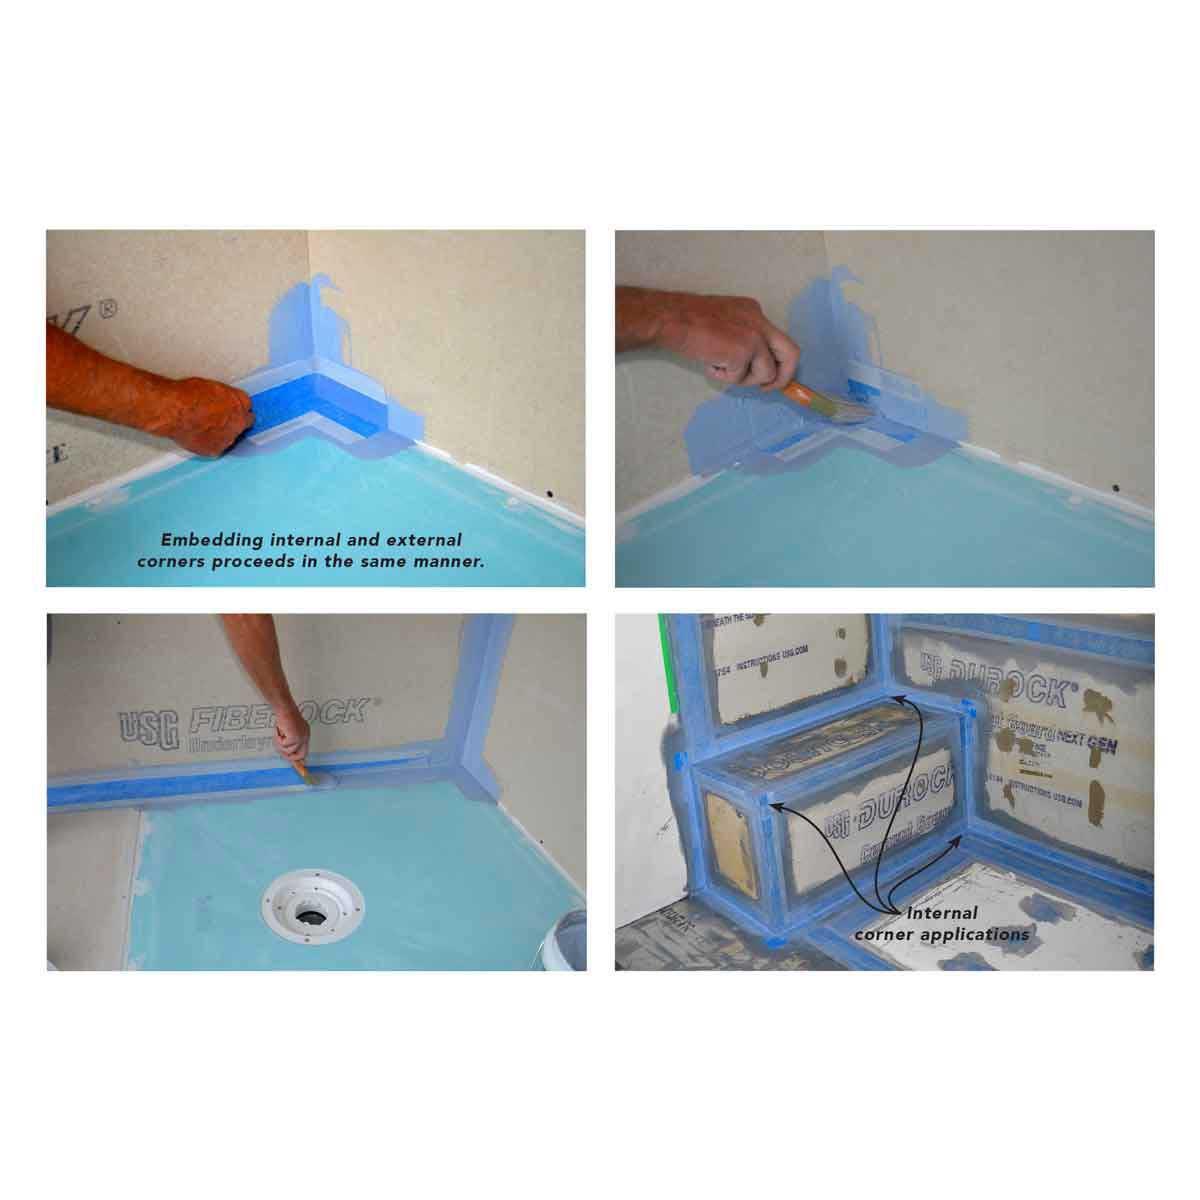 ARC Internal Waterproofing Corner